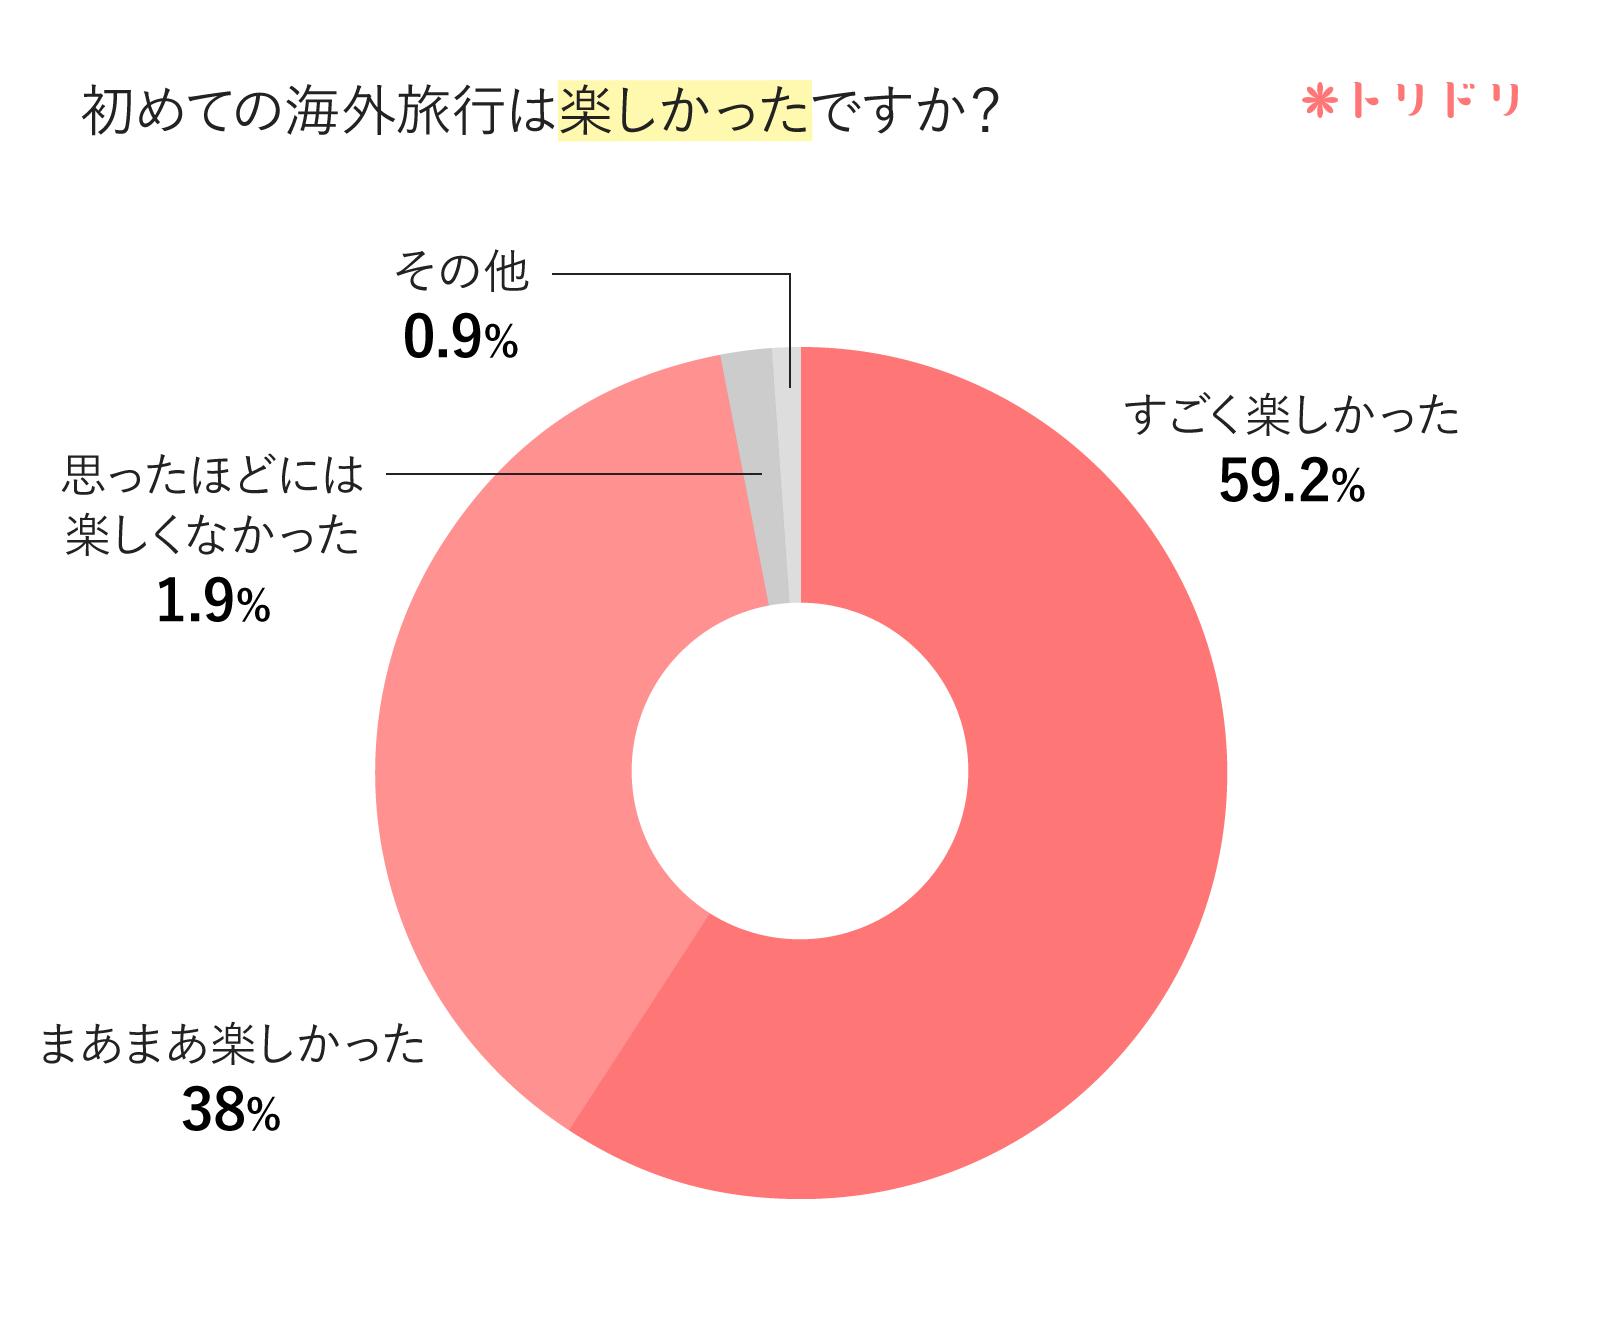 アンケートのグラフ:初めての海外旅行は楽しかったですか?